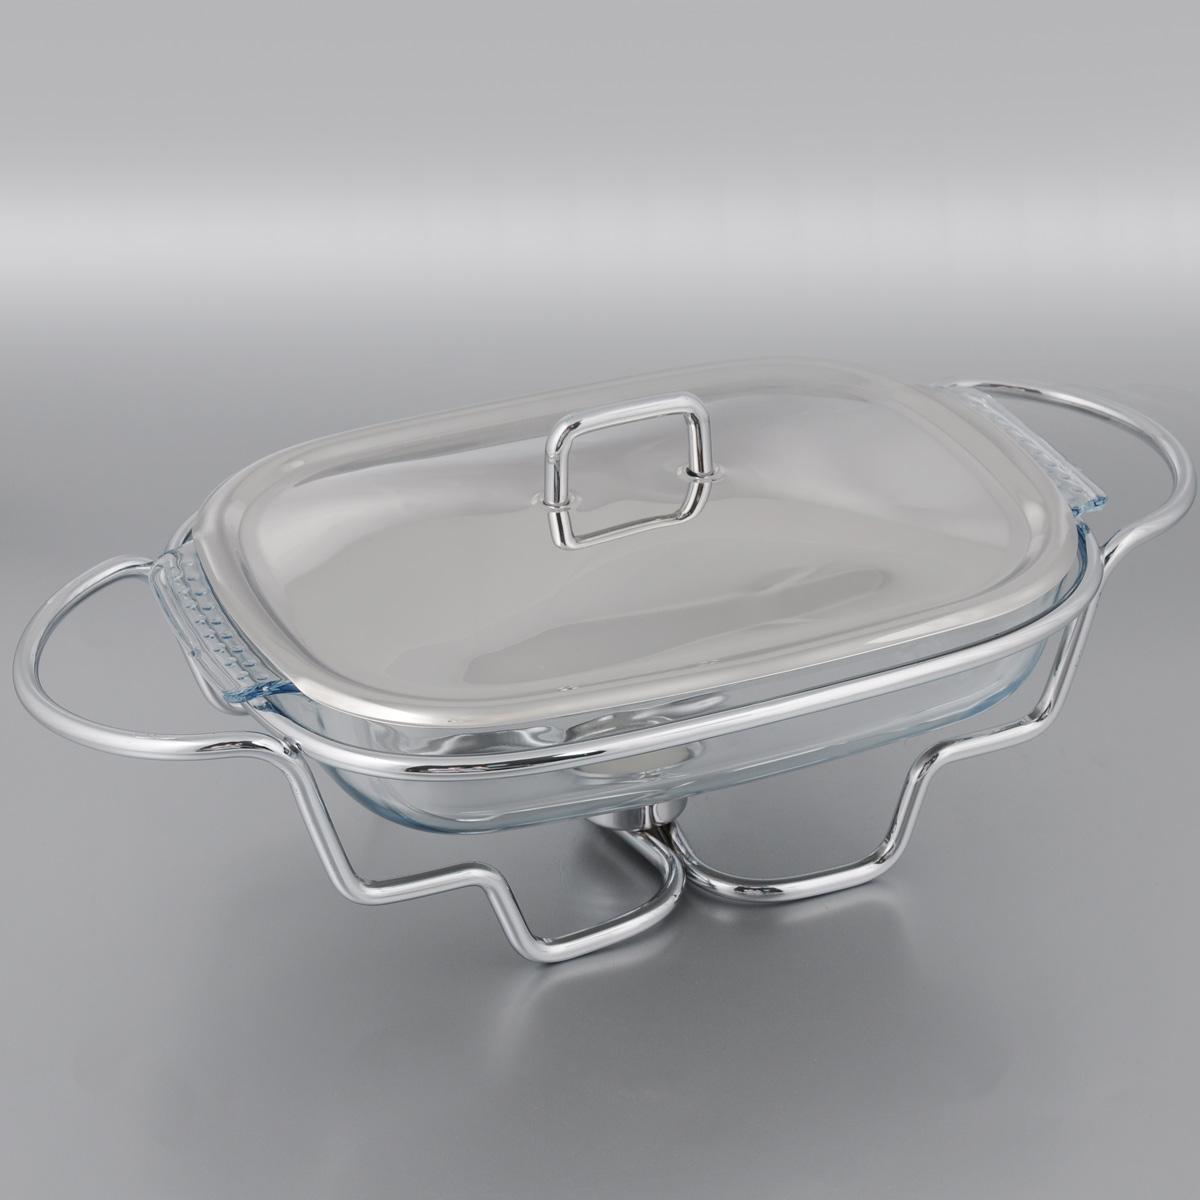 Мармит Mayer & Boch, со свечой, 1,5 л. 2088014901Мармит Mayer & Boch, изготовленный из стекла и нержавеющей стали, позволит вам довольно длительное время сохранять температуру блюда и создаст романтическую обстановку. Мармит предназначен для приготовления блюд в духовке и микроволновой печи. Благодаря красивому дизайну мармит можно сразу подавать на стол, не перекладывая блюдо на сервировочные тарелки. Его действие основано на принципе водяной бани. Под емкостью установлена 1 свеча (входит в комплект), которая, в свою очередь, нагревает продукты. Таким образом, данное кухонное приспособление - превосходный способ не дать блюду остыть. При этом пища не пригорает, не пересыхает, сохраняет все свои питательные и вкусовые качества. Стеклянное блюдо можно использовать в микроволновой печи и духовке. Можно мыть в посудомоечной машине и ставить в холодильник. Размер блюда (по верхнему краю): 25 х 18,5 см.Ширина мармита (с учетом ручек): 31 см.Высота мармита: 12 см.Диаметр свечи: 3,7 см.